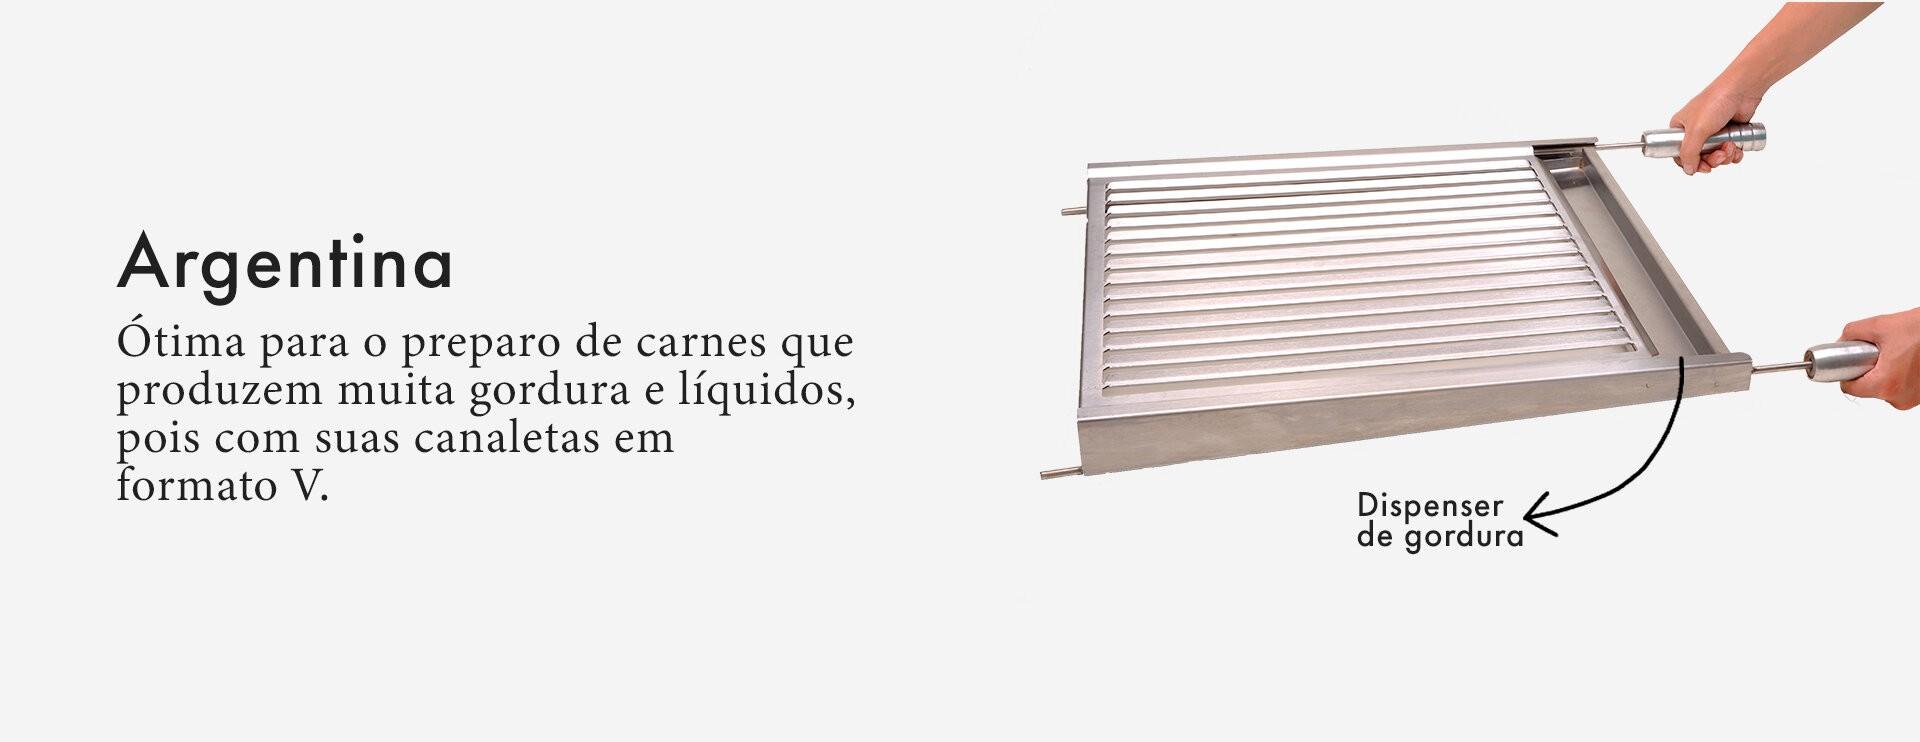 Grelha argentina aço inox Med. 50x50cm - Selmetal